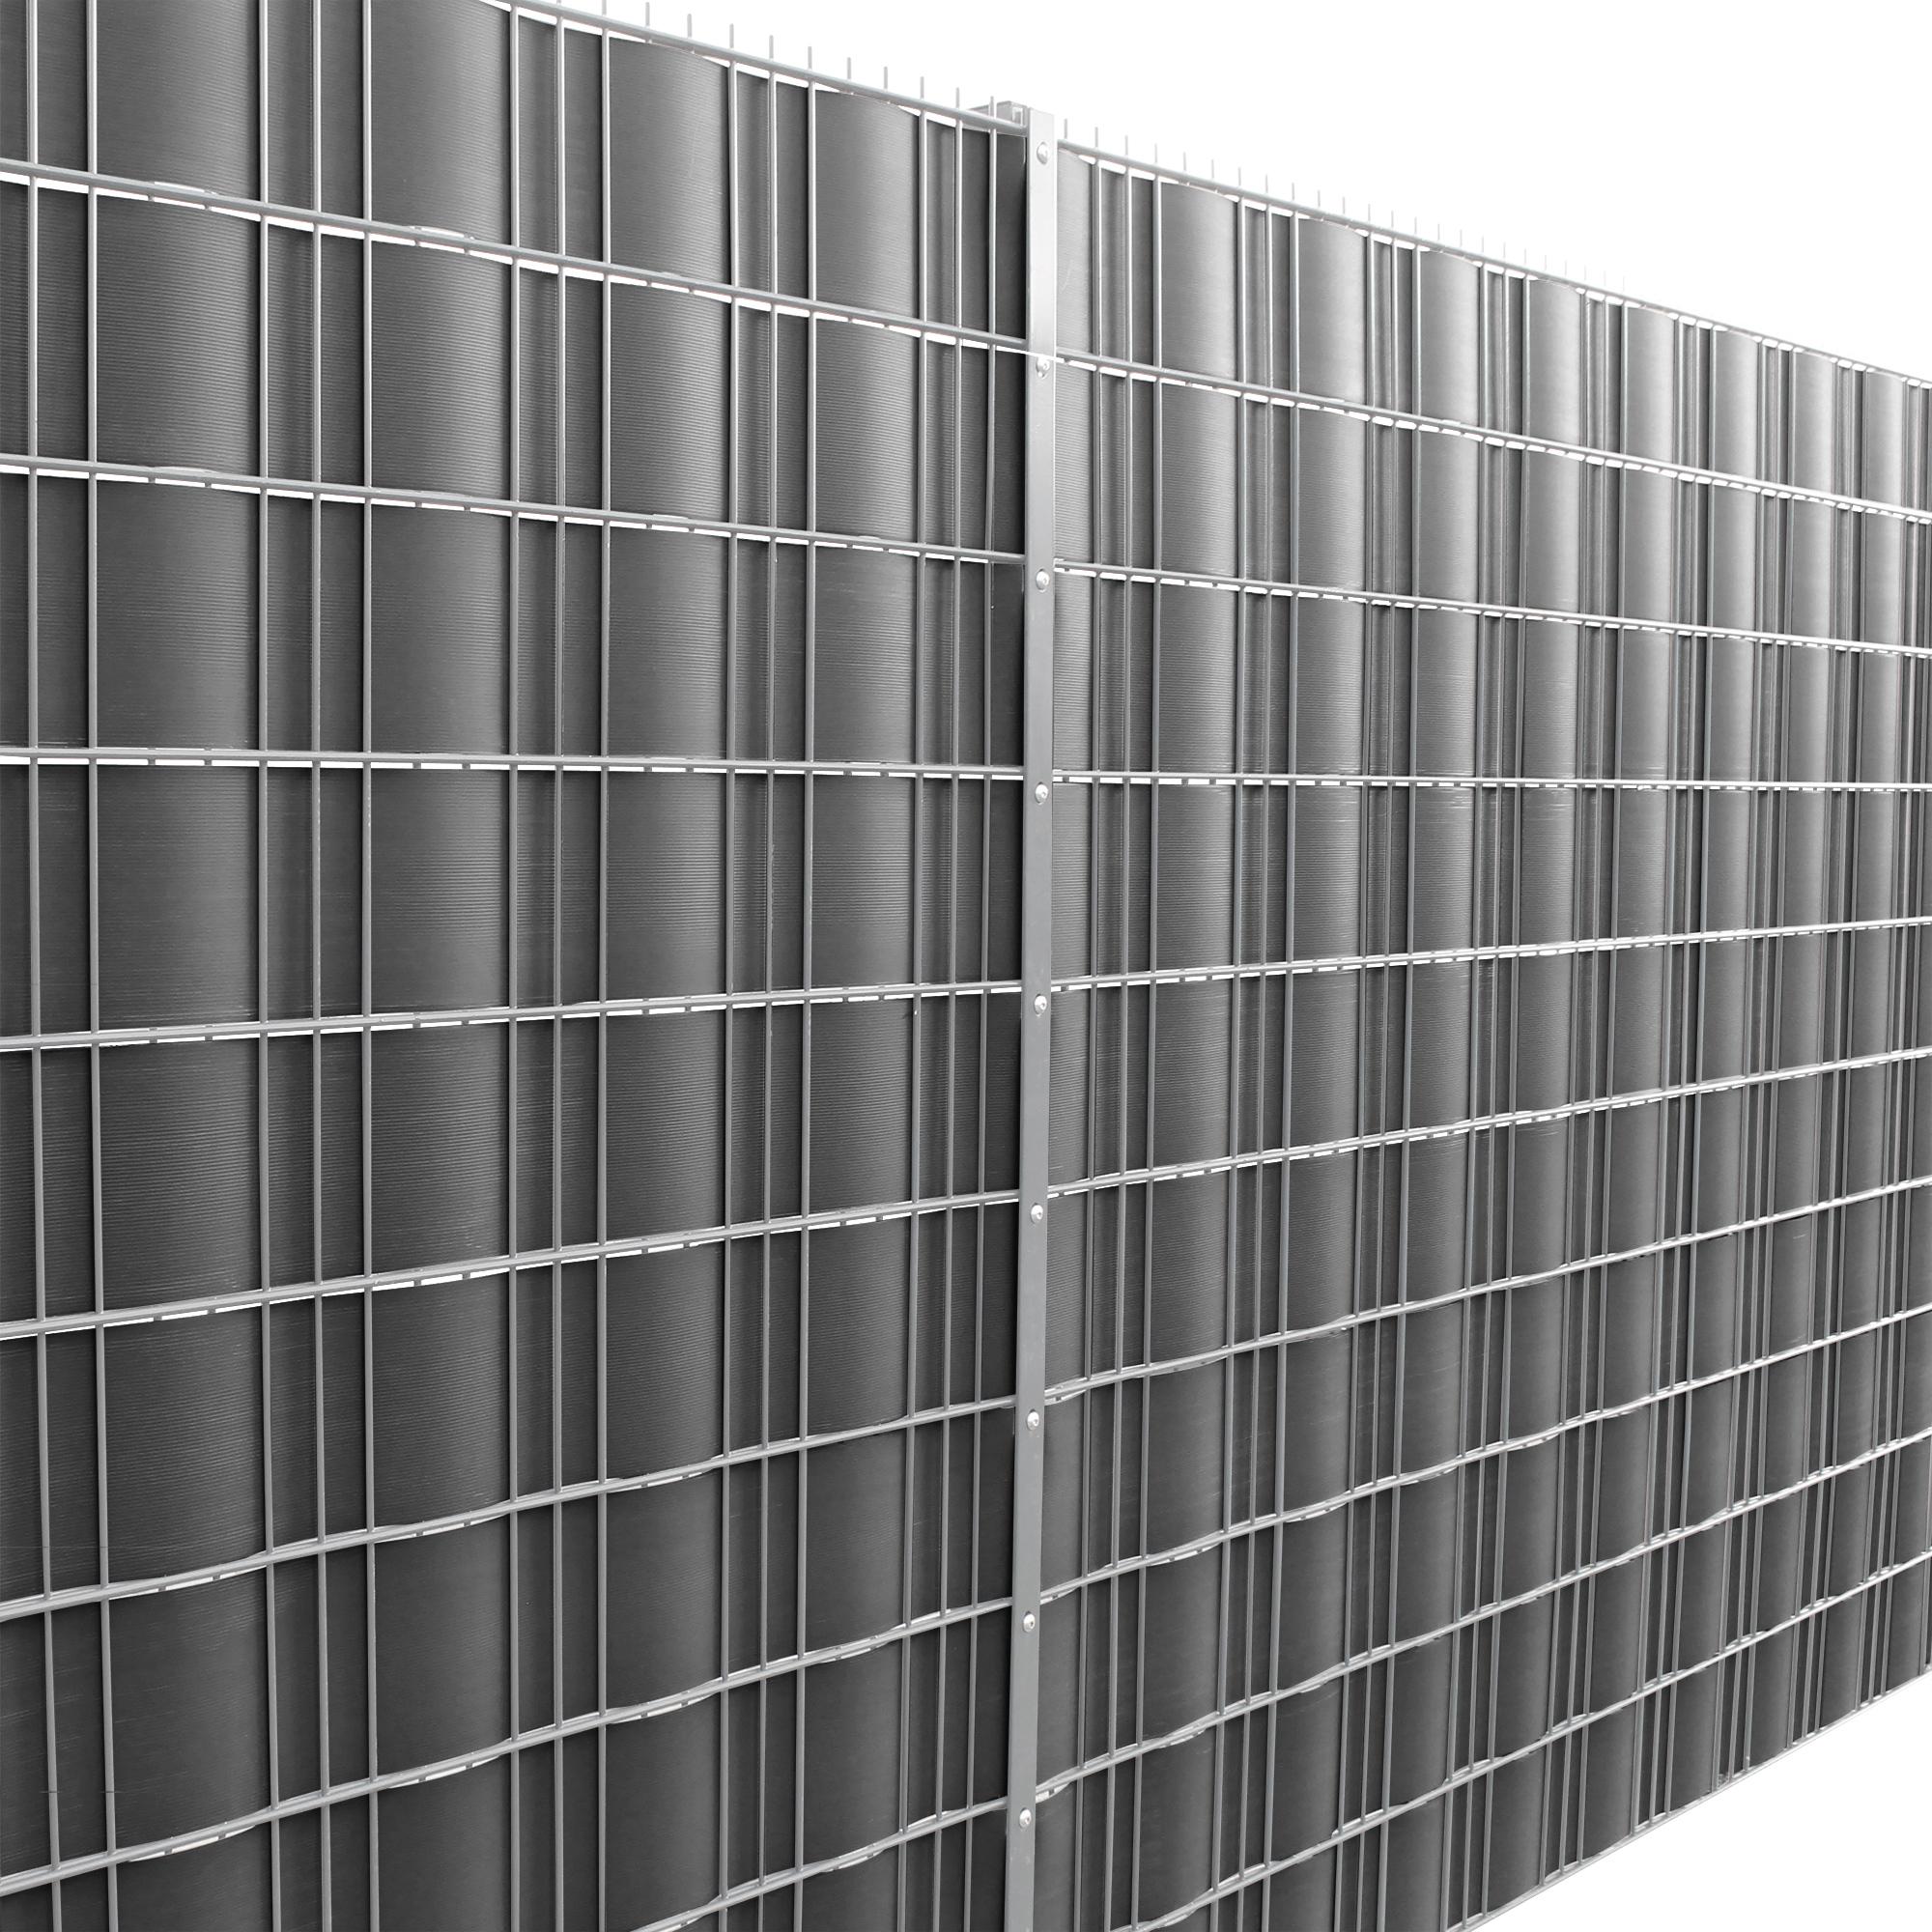 TAPPETINO PVC 90x300cm ANTIVENTO RECINTO DA GIARDINO BALCONE RECINZIONE